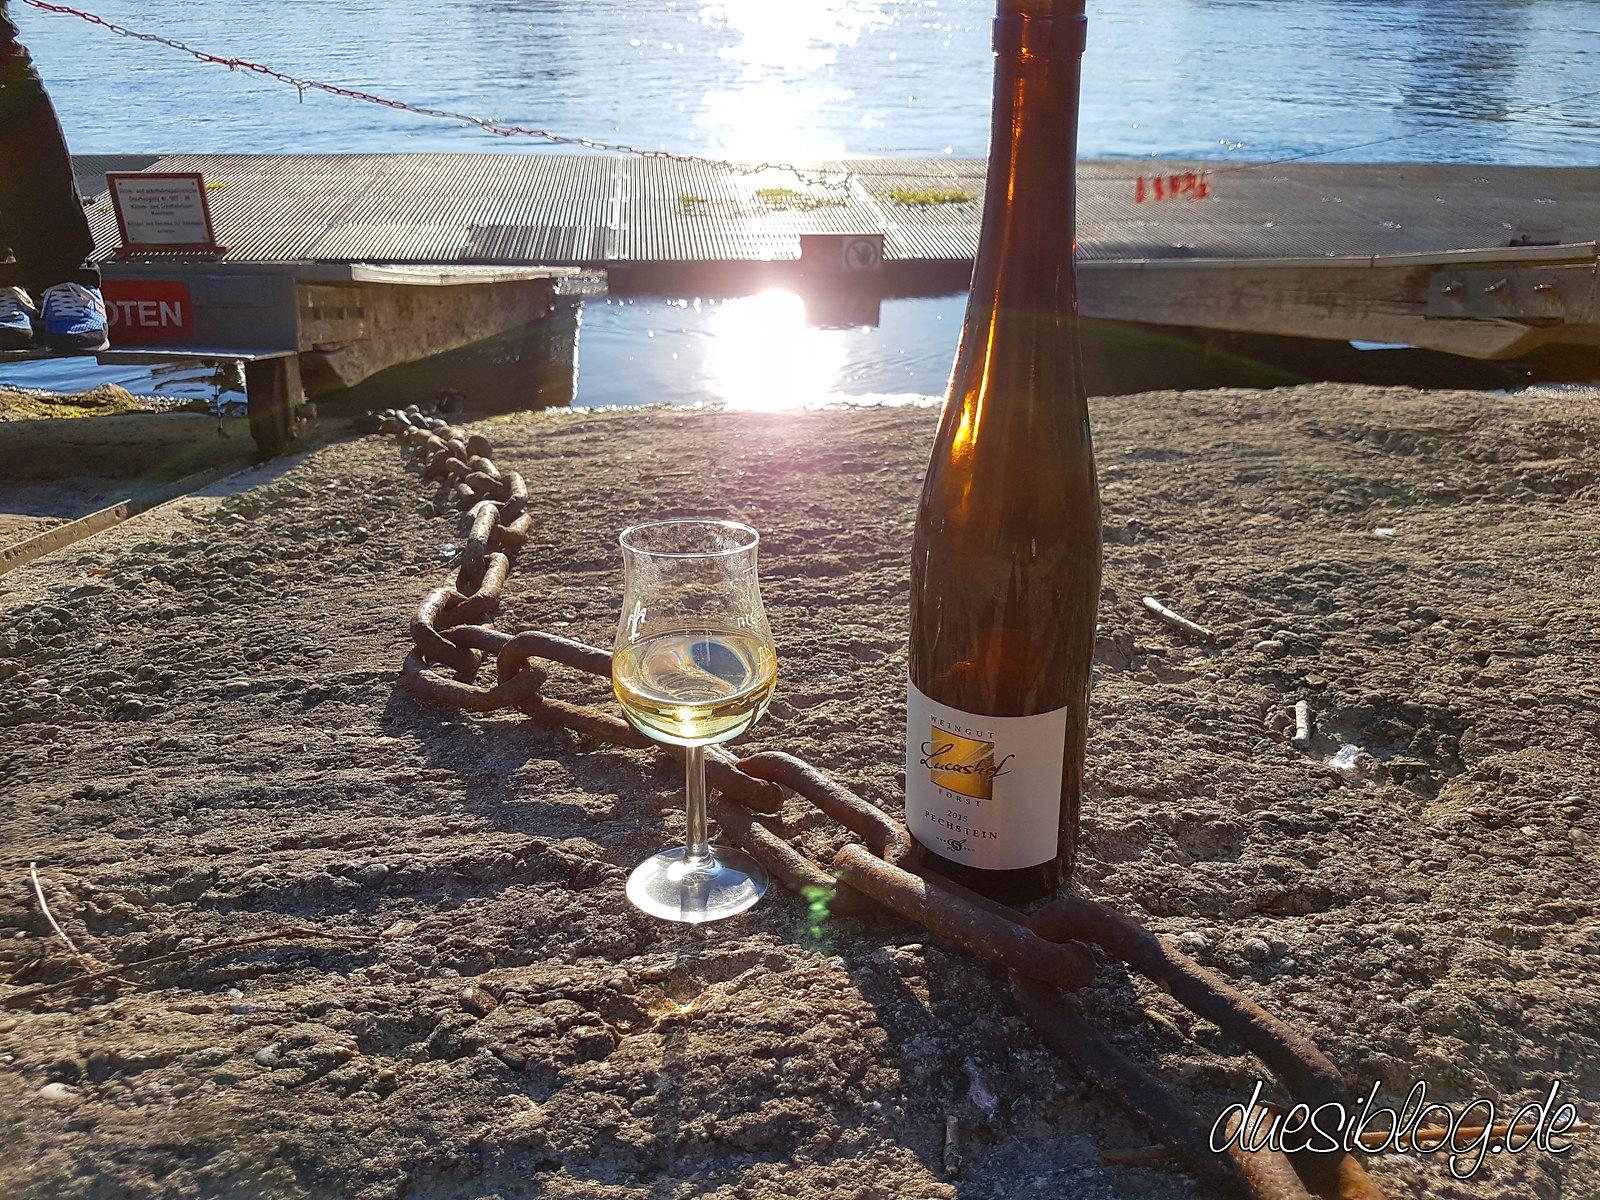 Generation Pfalz WtasO Wein trinken an schönen Orten mit Lucashof am Rheinstrand Mannheim duesiblog 7